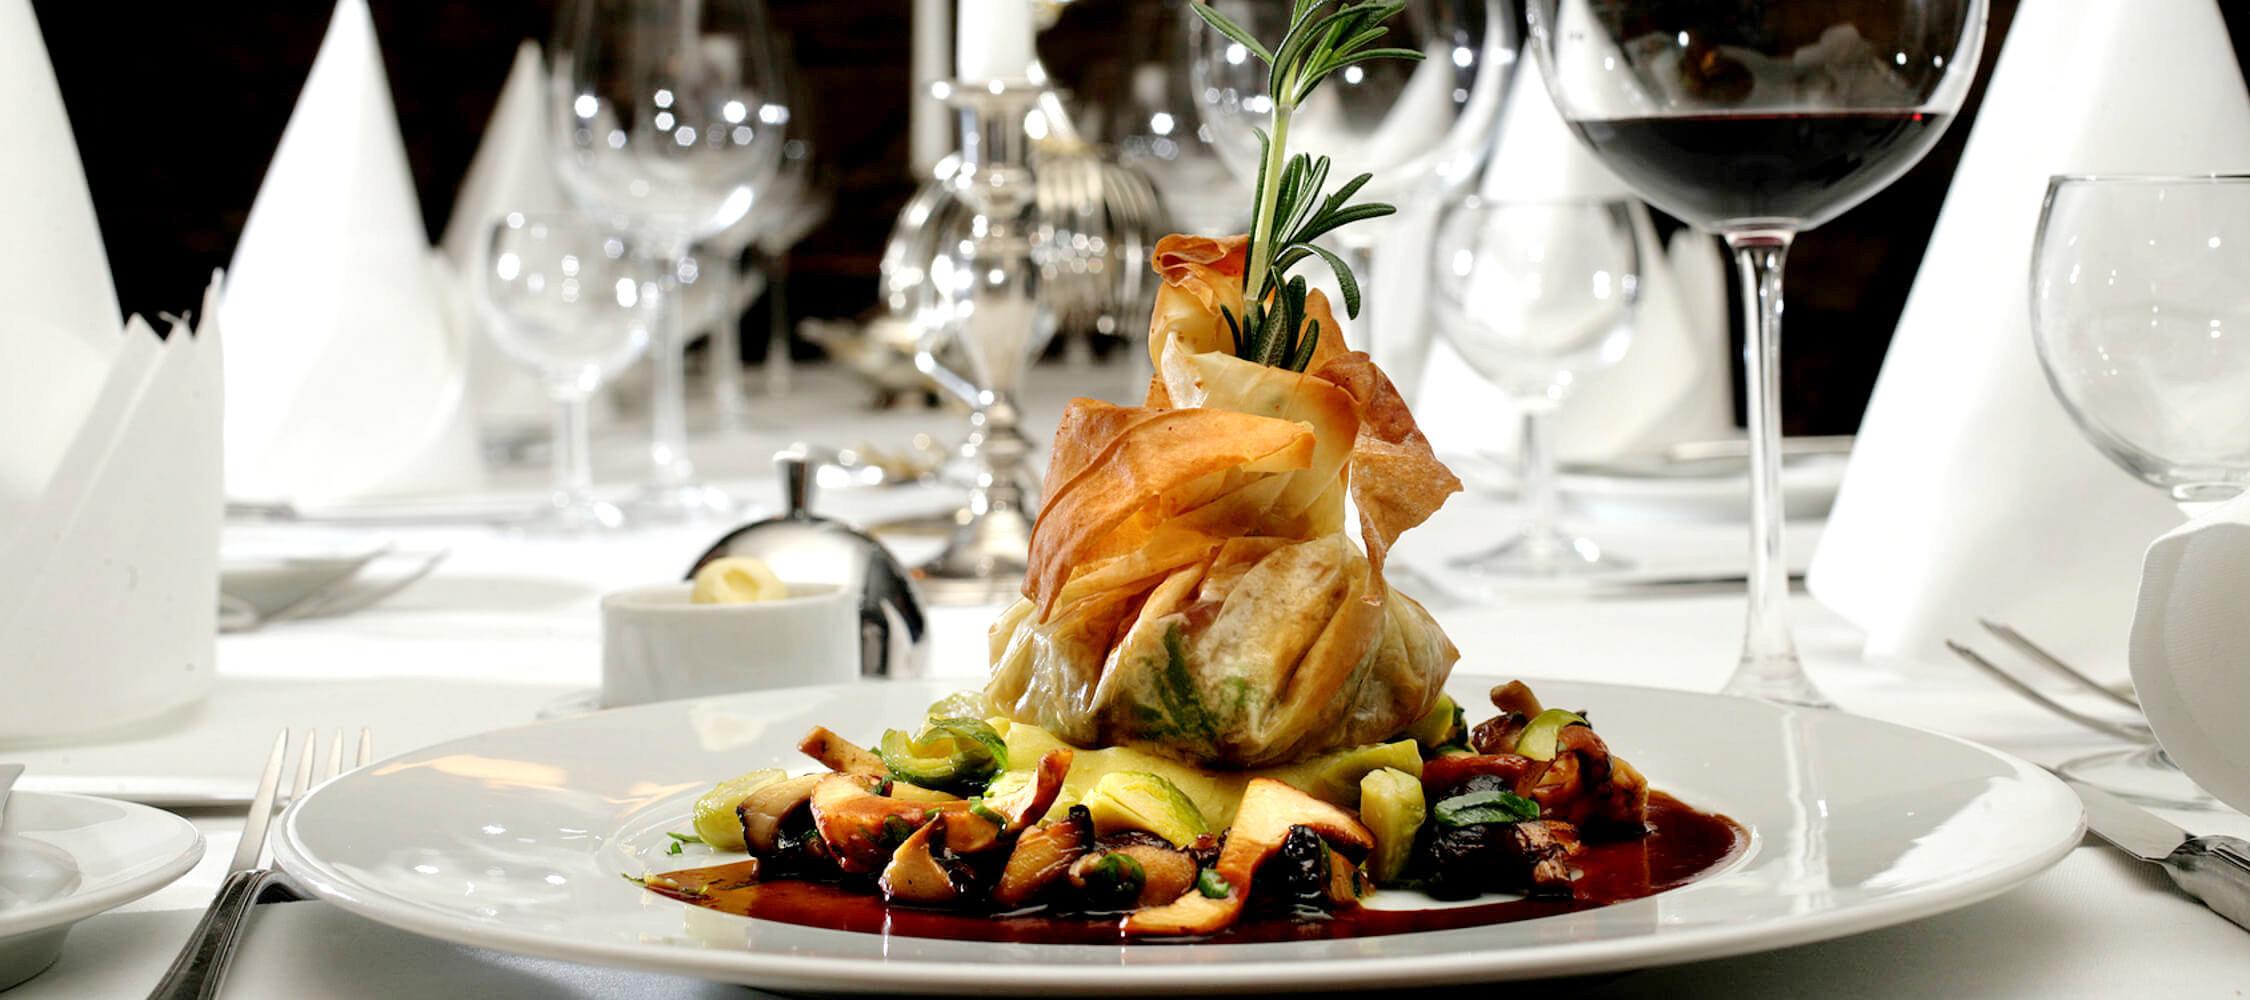 Restaurant_Tapas_Bar_The_Gallery_City_Hotel_Merano_Essen_Fleisch_Festtagsmenu_Weihnachten_Galadinner_Feier_Tapas_Vorspeise_Hauptspeise_Dinner_Abend_Menu_75876669_2250x1000